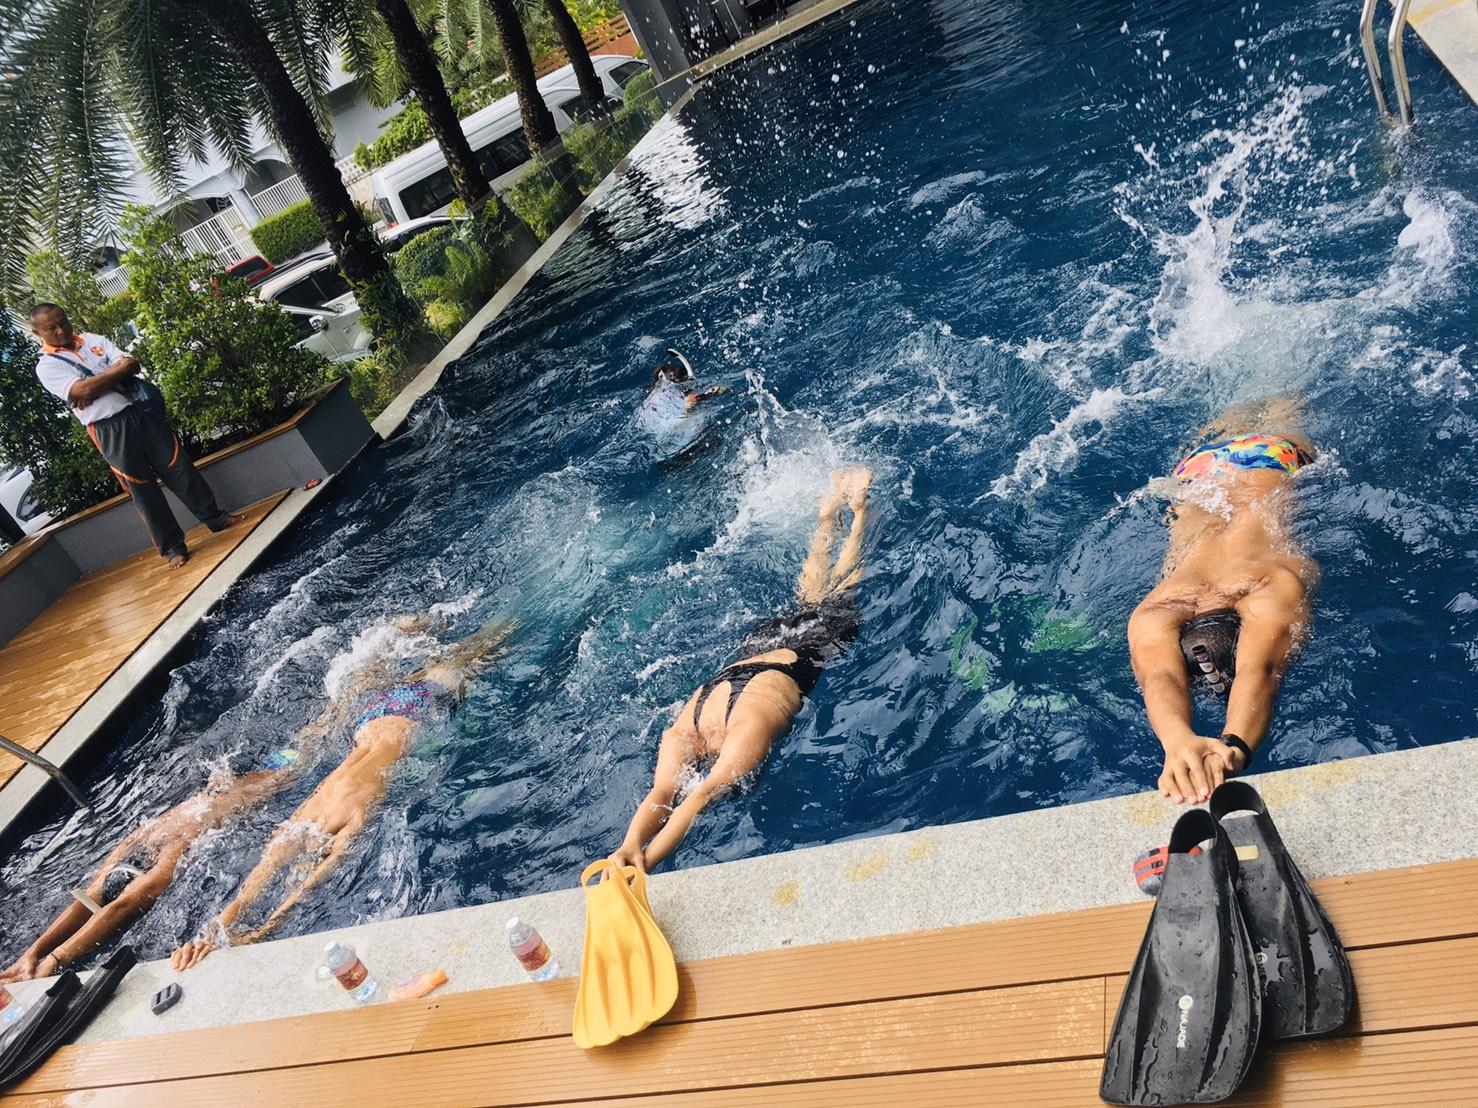 โครงการพัฒนาบุคลากรกีฬาดำน้ำฟินสวิมมิ่ง ระดับชาติ Level 1 ประจำปี 2563